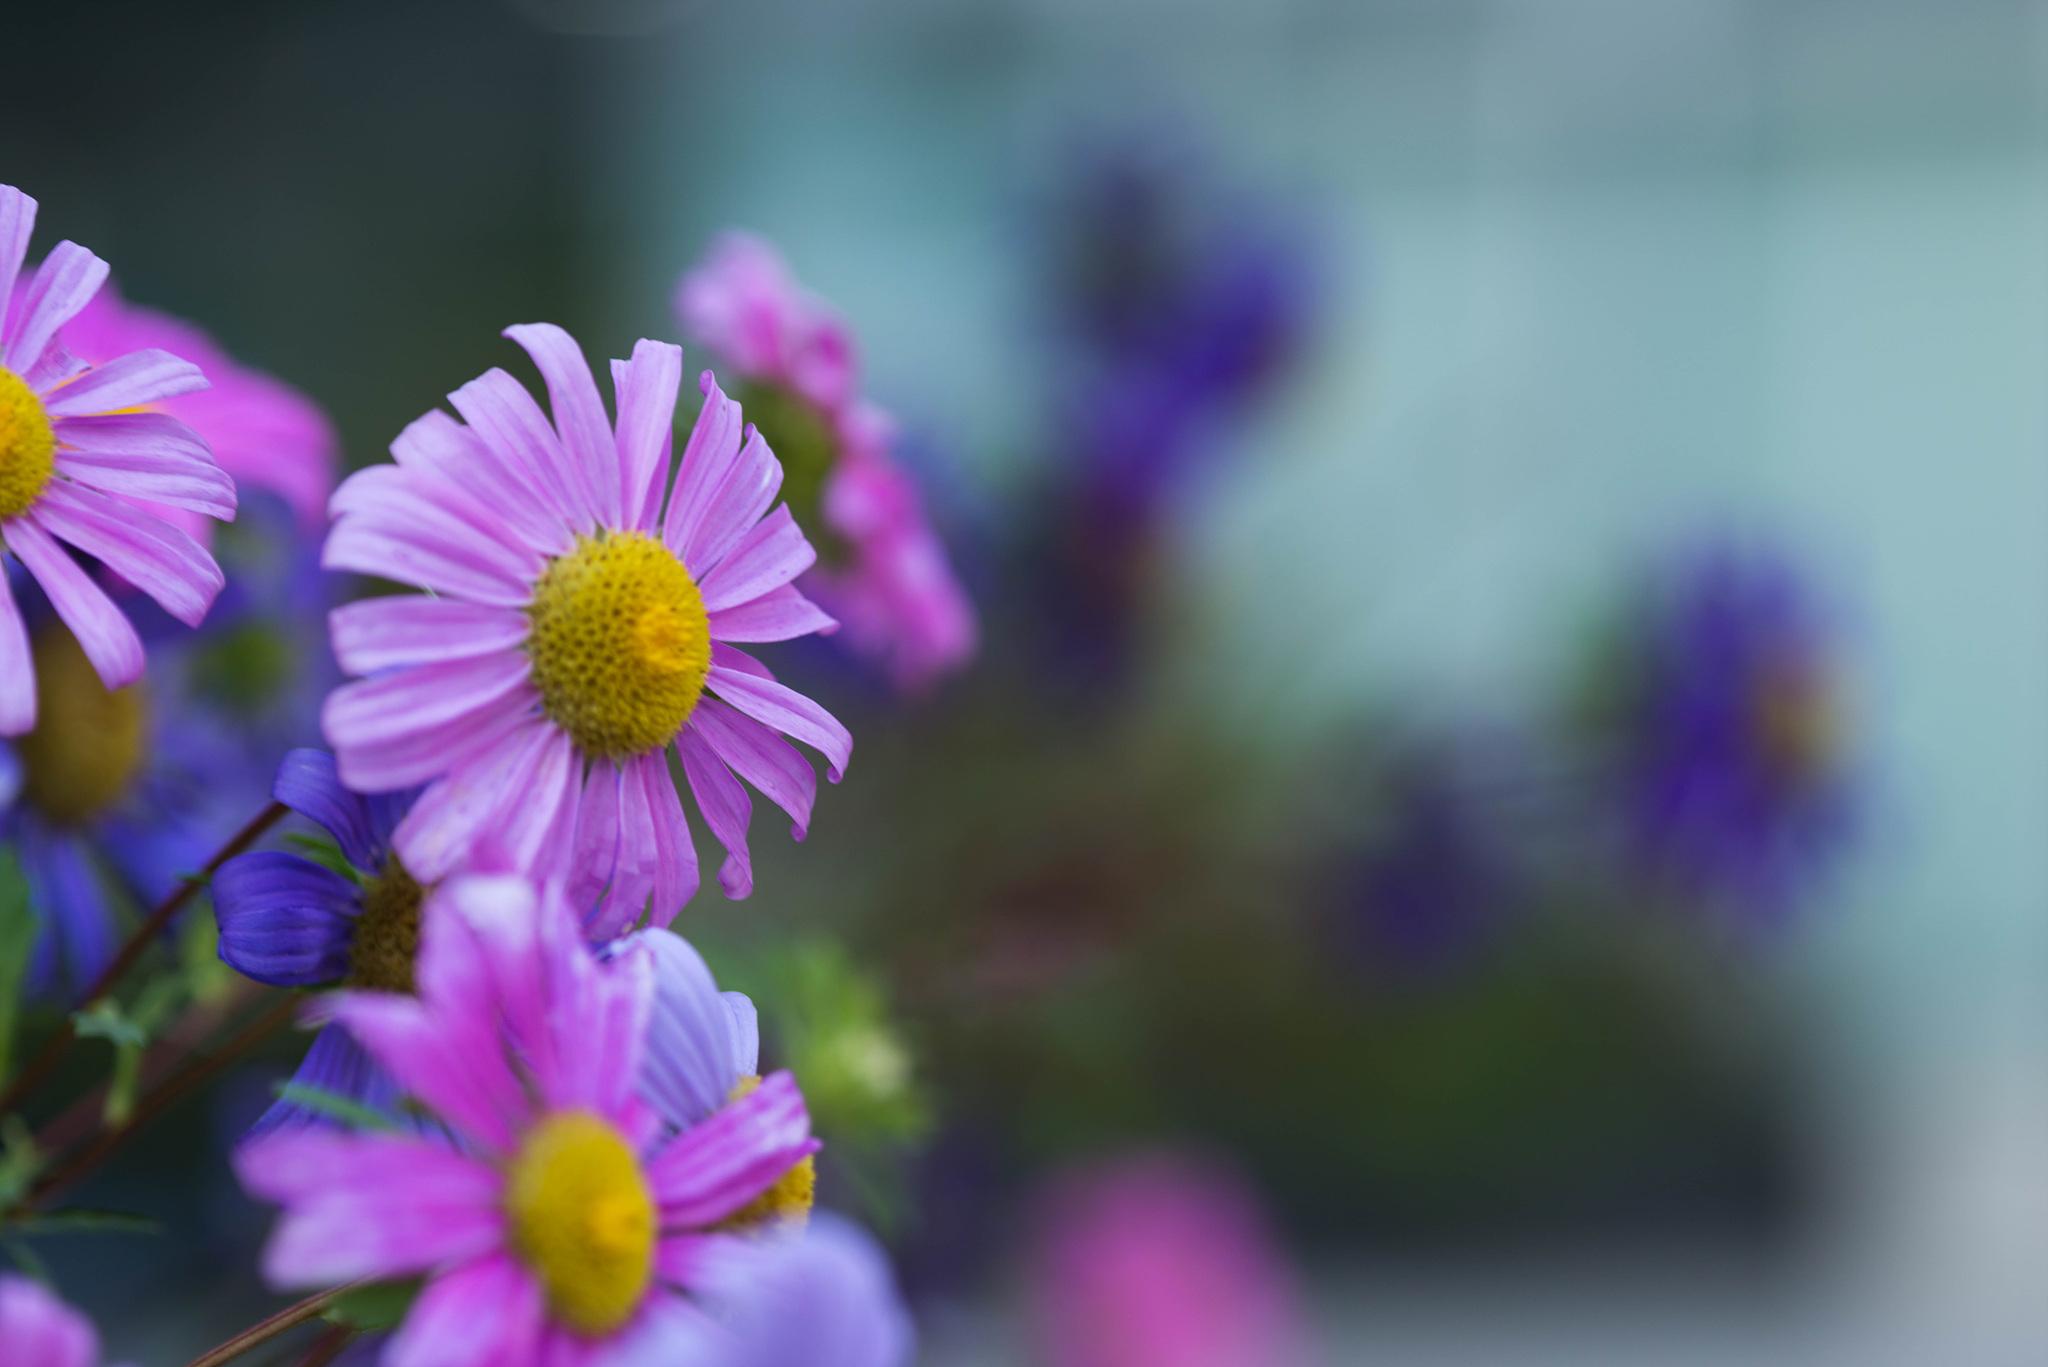 서울 숲에서 (과꽃)